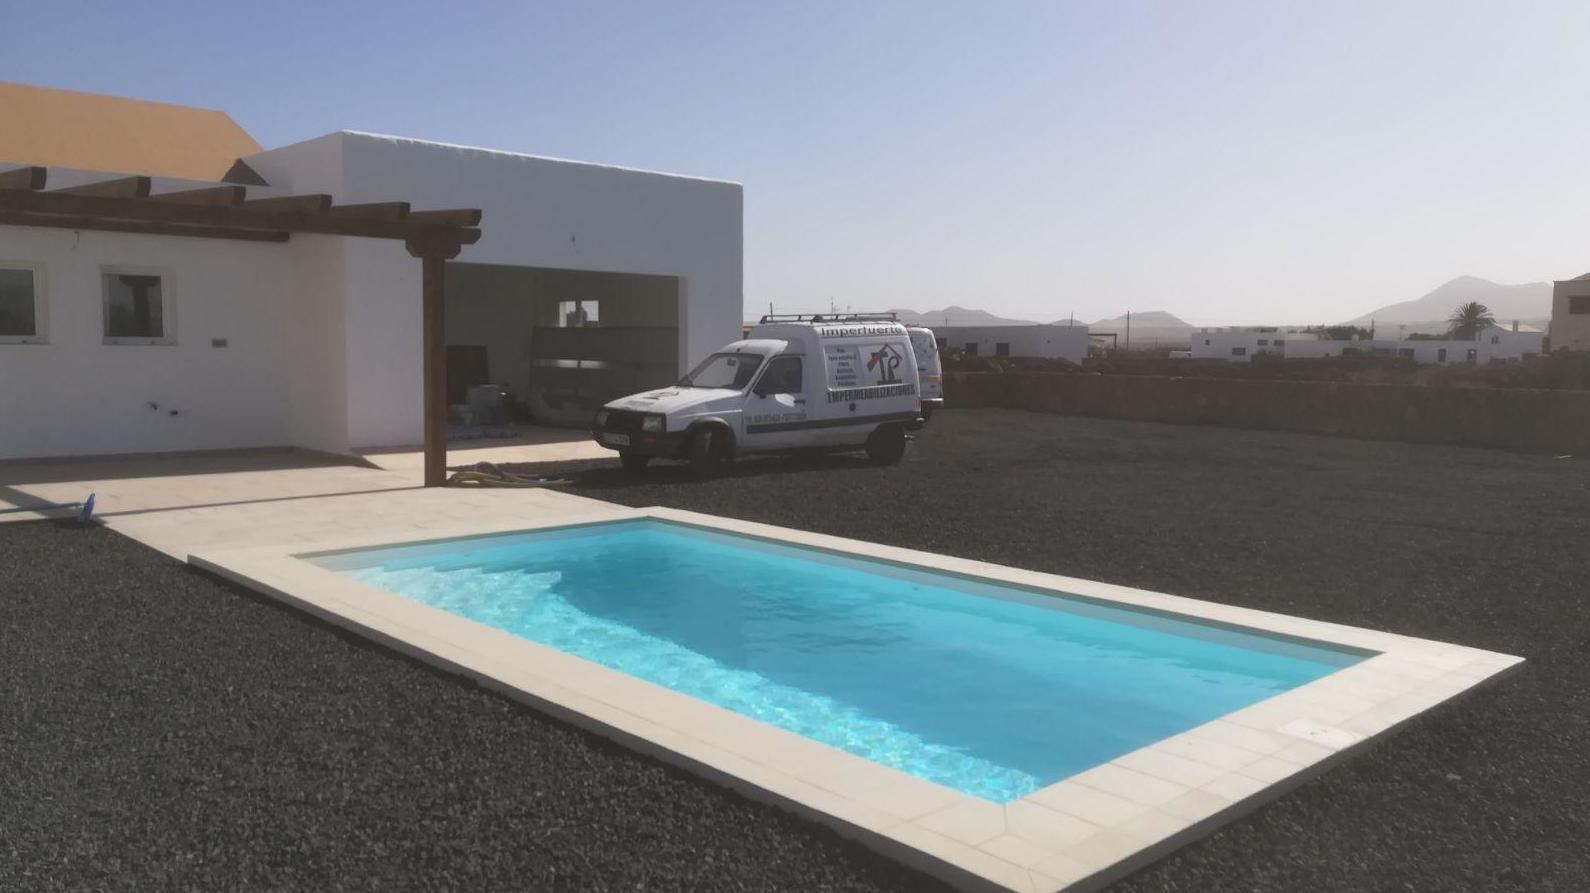 Foto 13 de Impermeabilización en Puerto del Rosario | Fuerteventura - Lanzarote - Gran Canaria